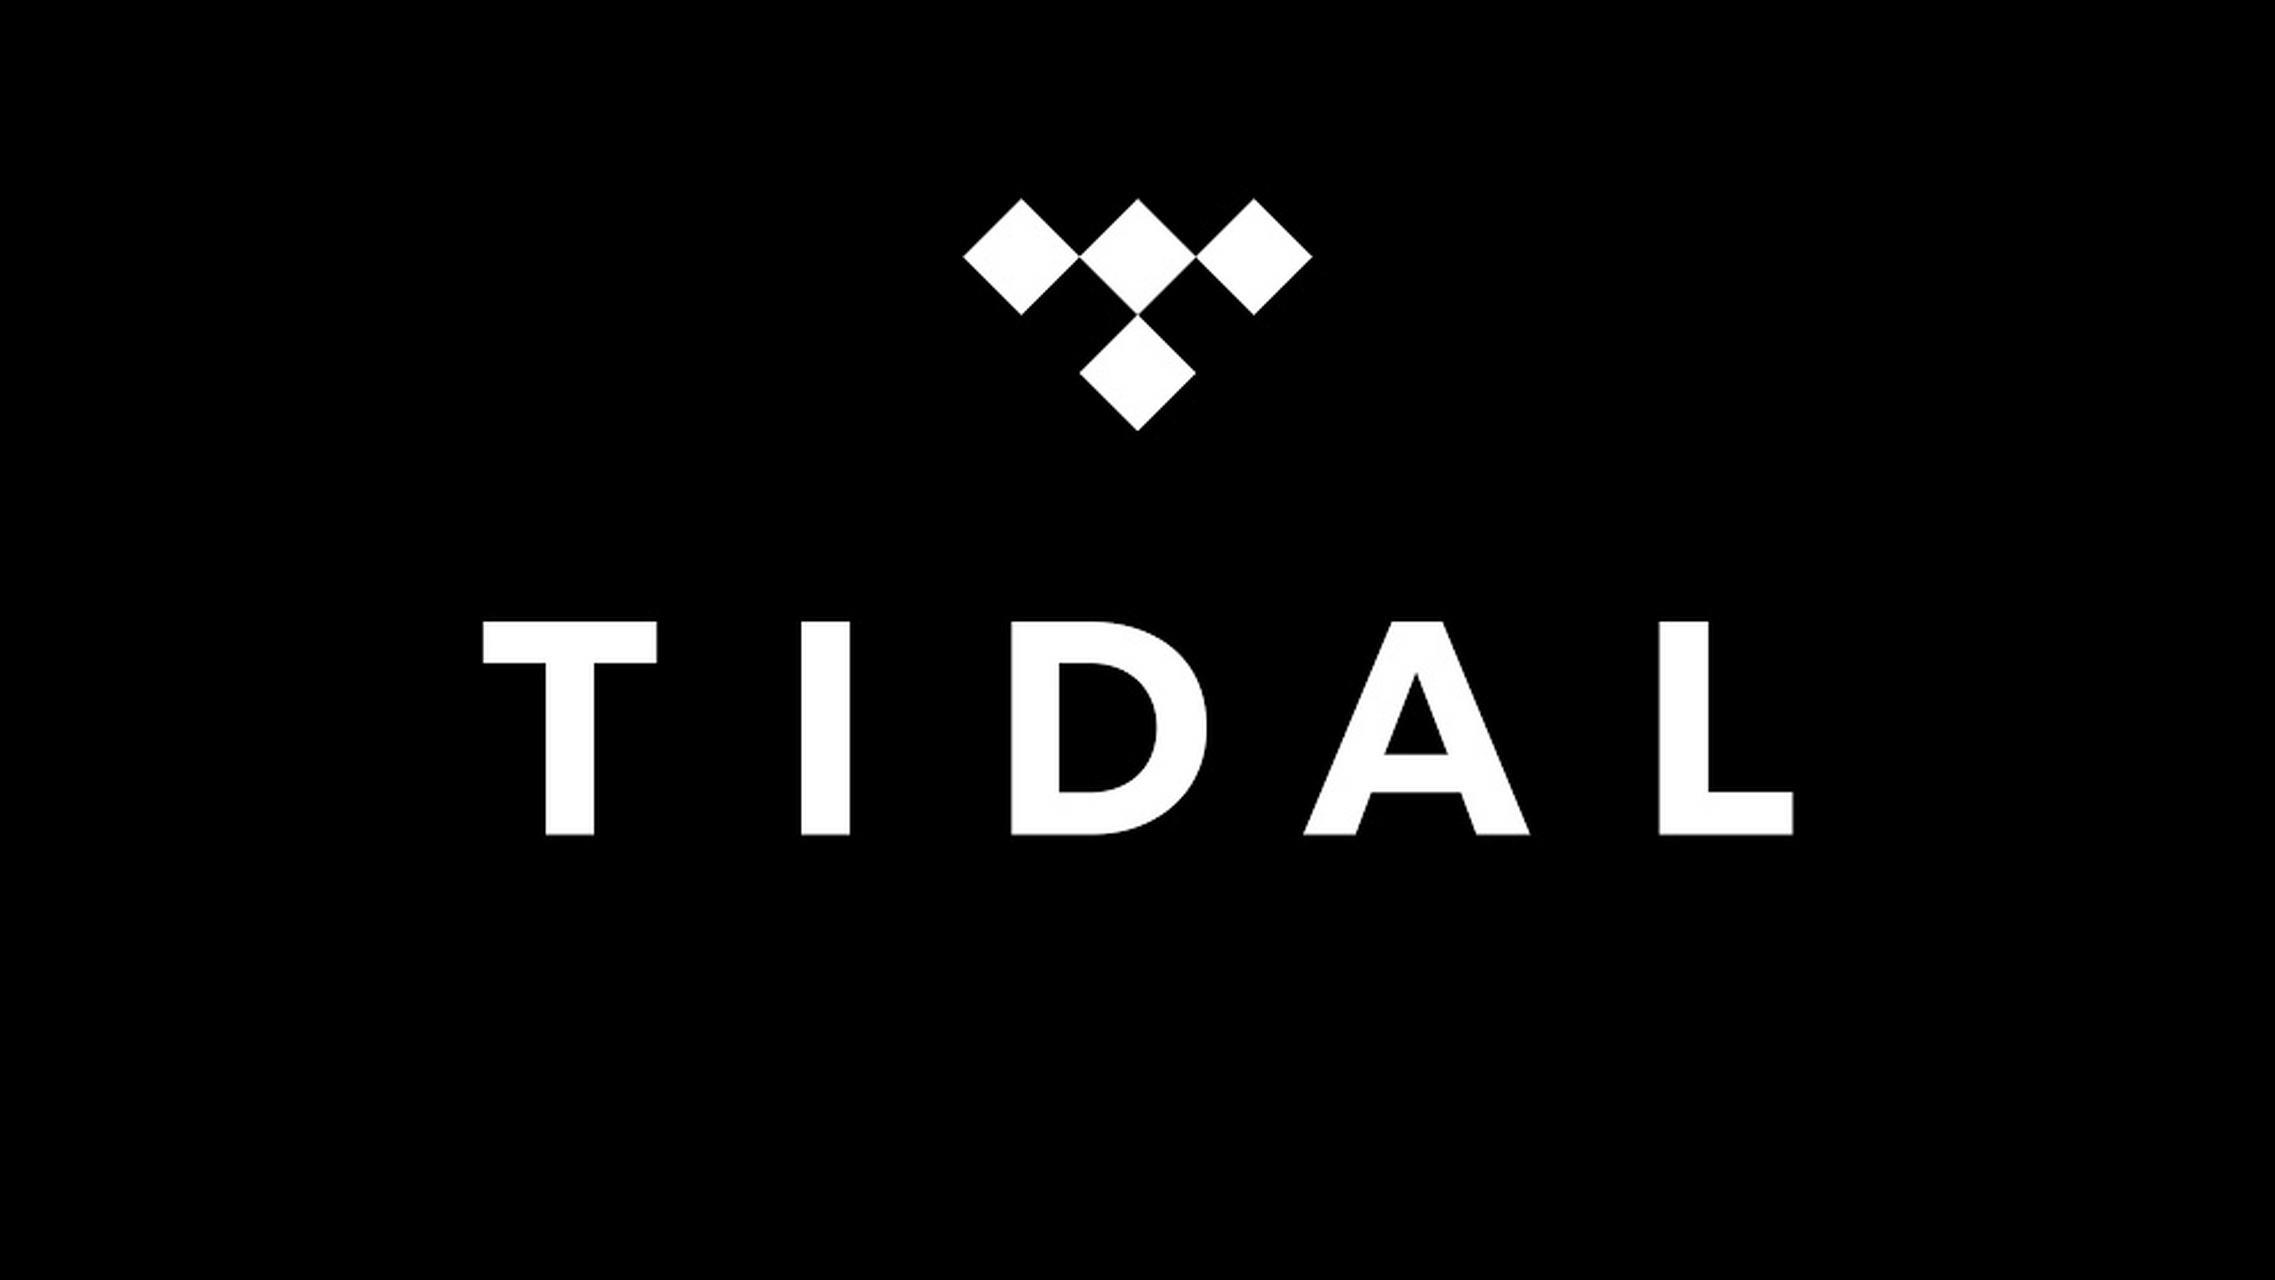 Tidal-Media-Downloader Installation Documentation